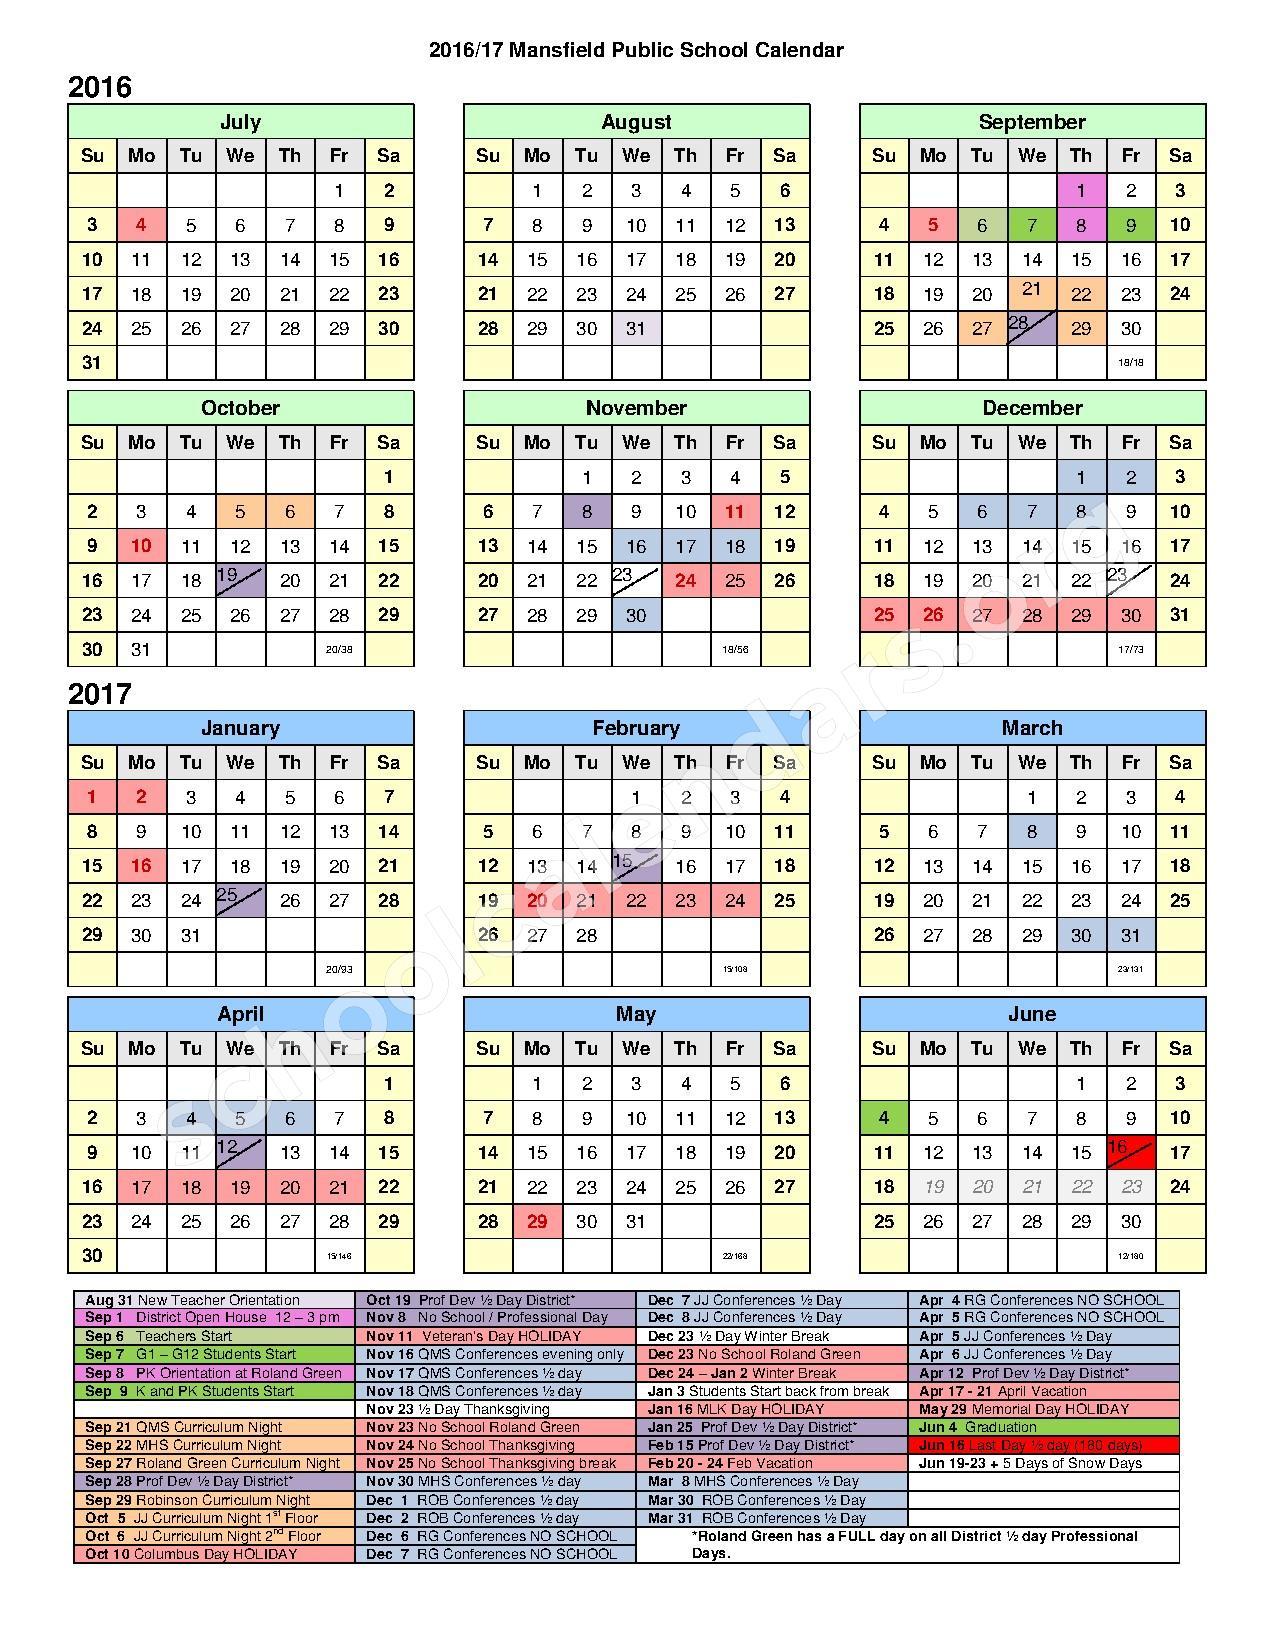 2016 - 2017 School Calendar – Mansfield Public Schools – page 1